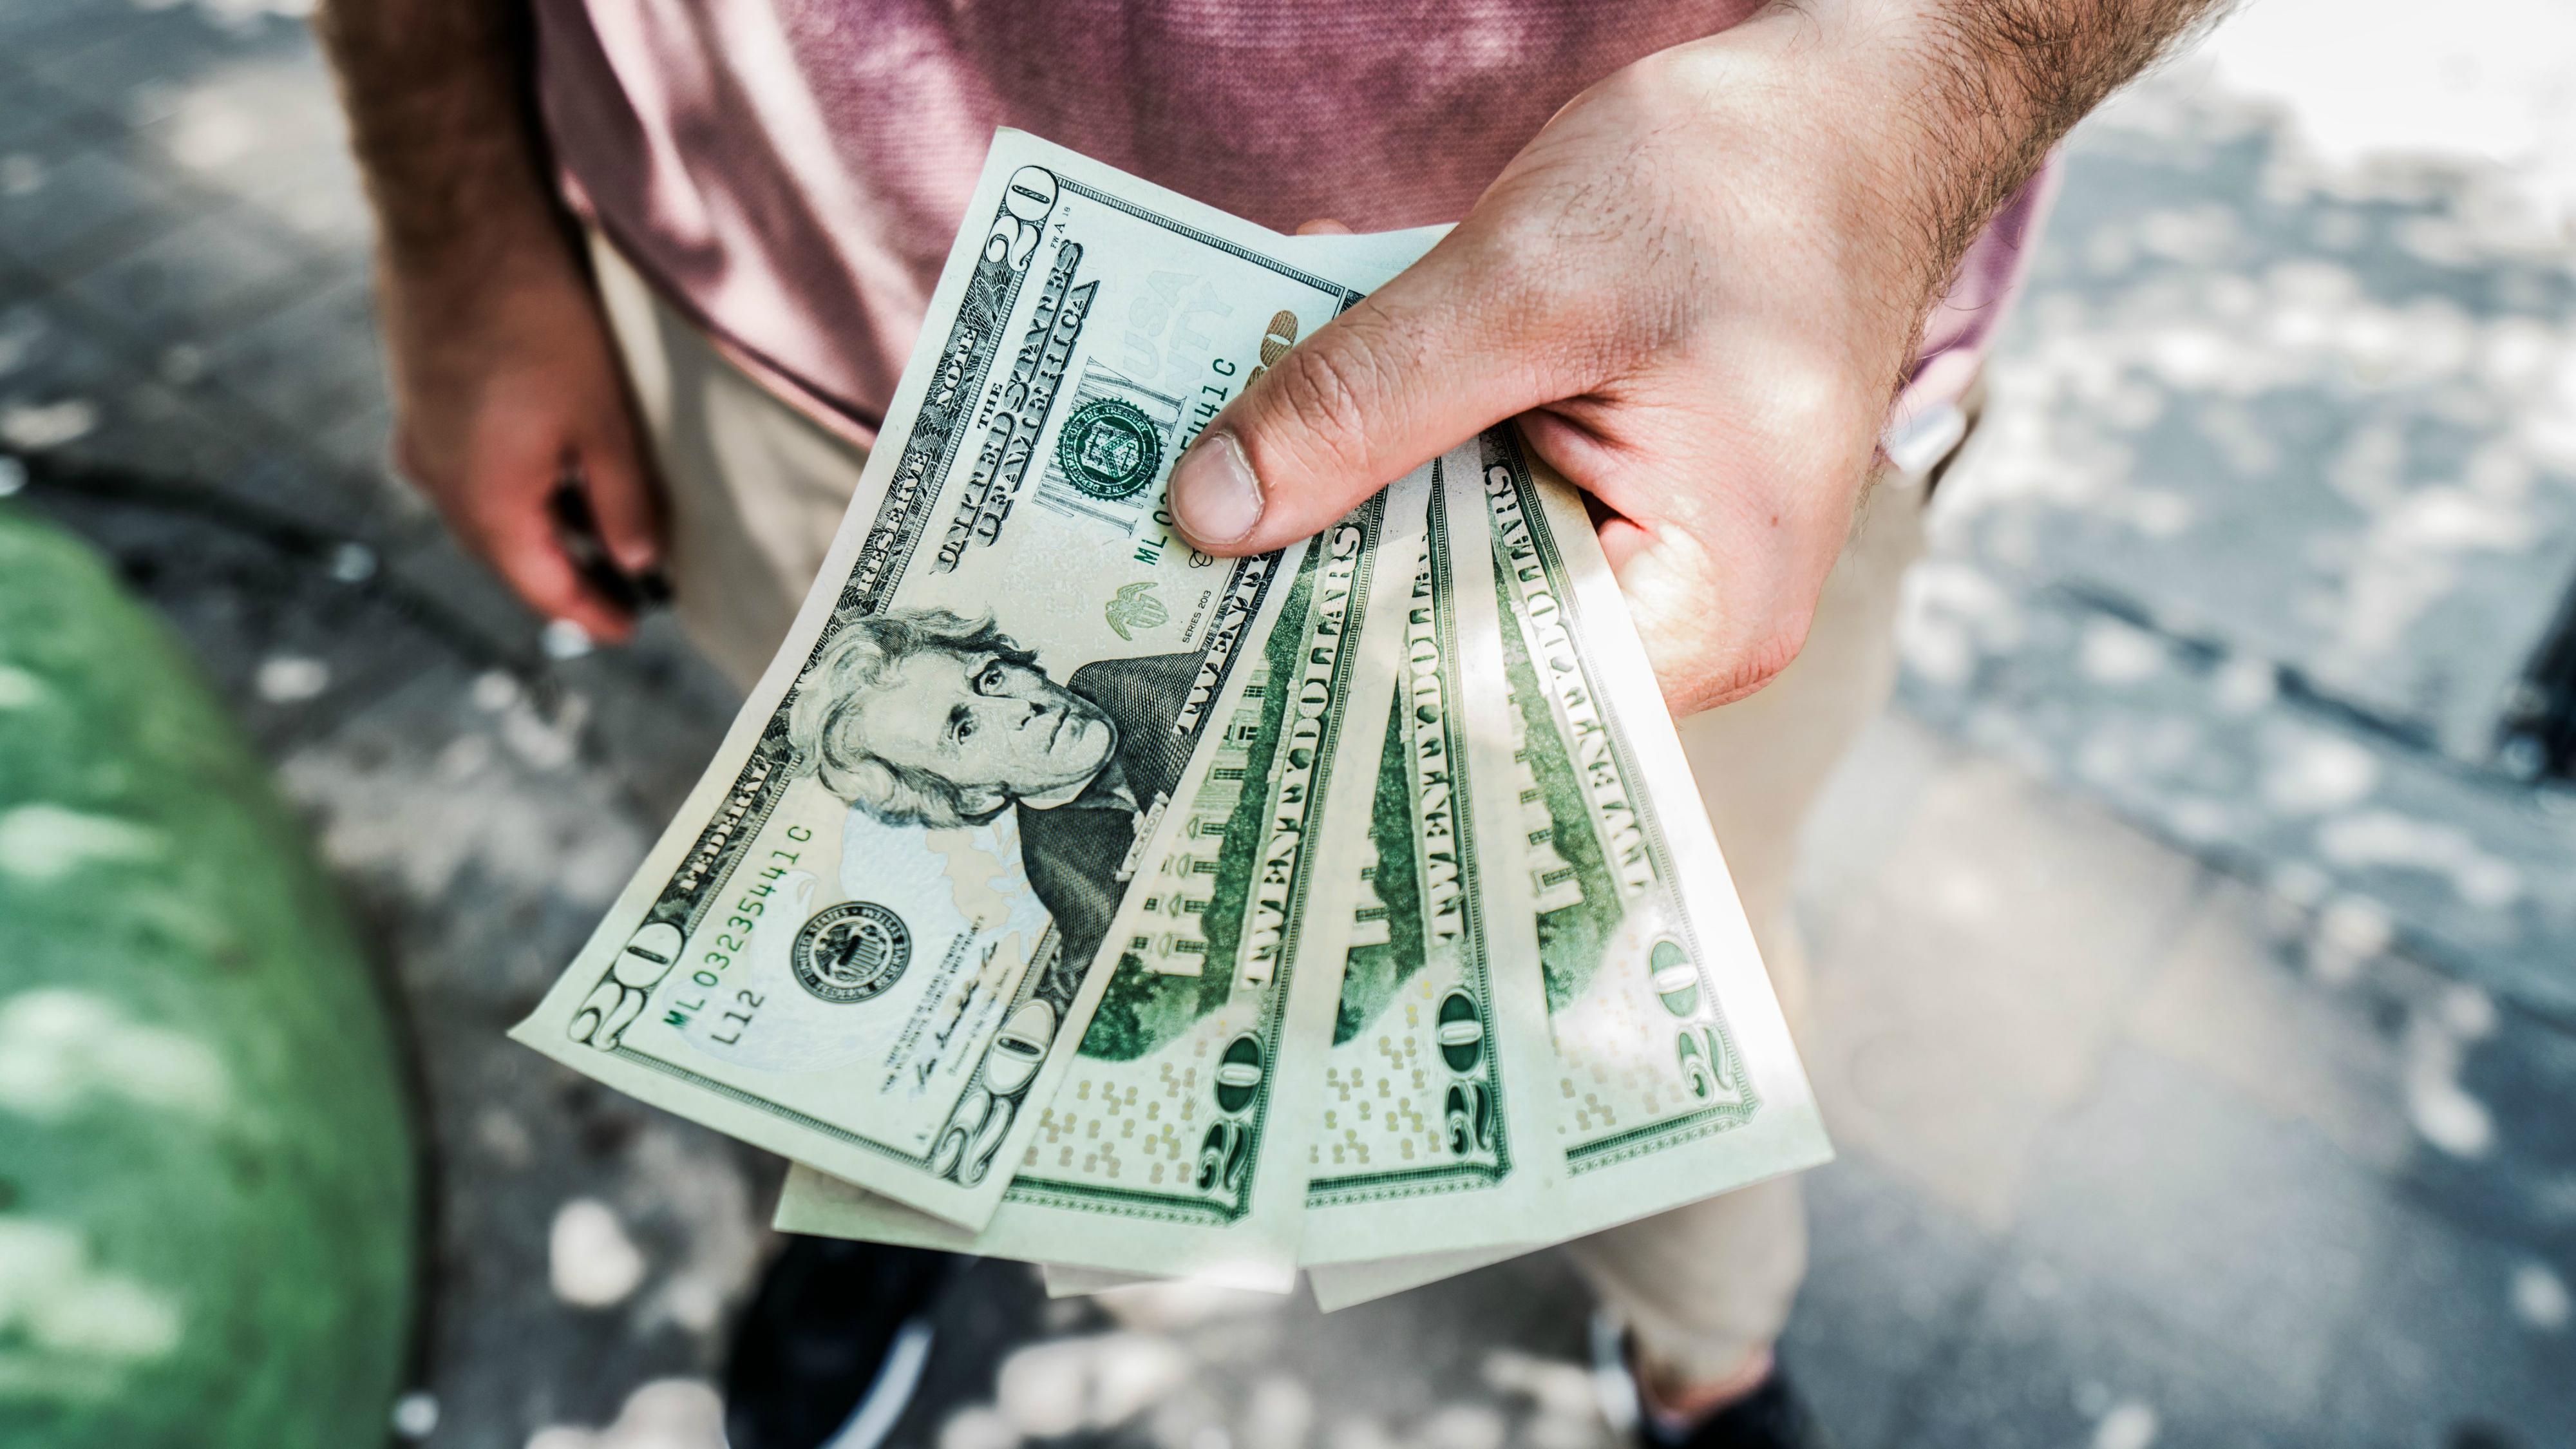 kā nopelnīt naudu uz saviem simts kvadrātmetriem kurš tagad pelna naudu